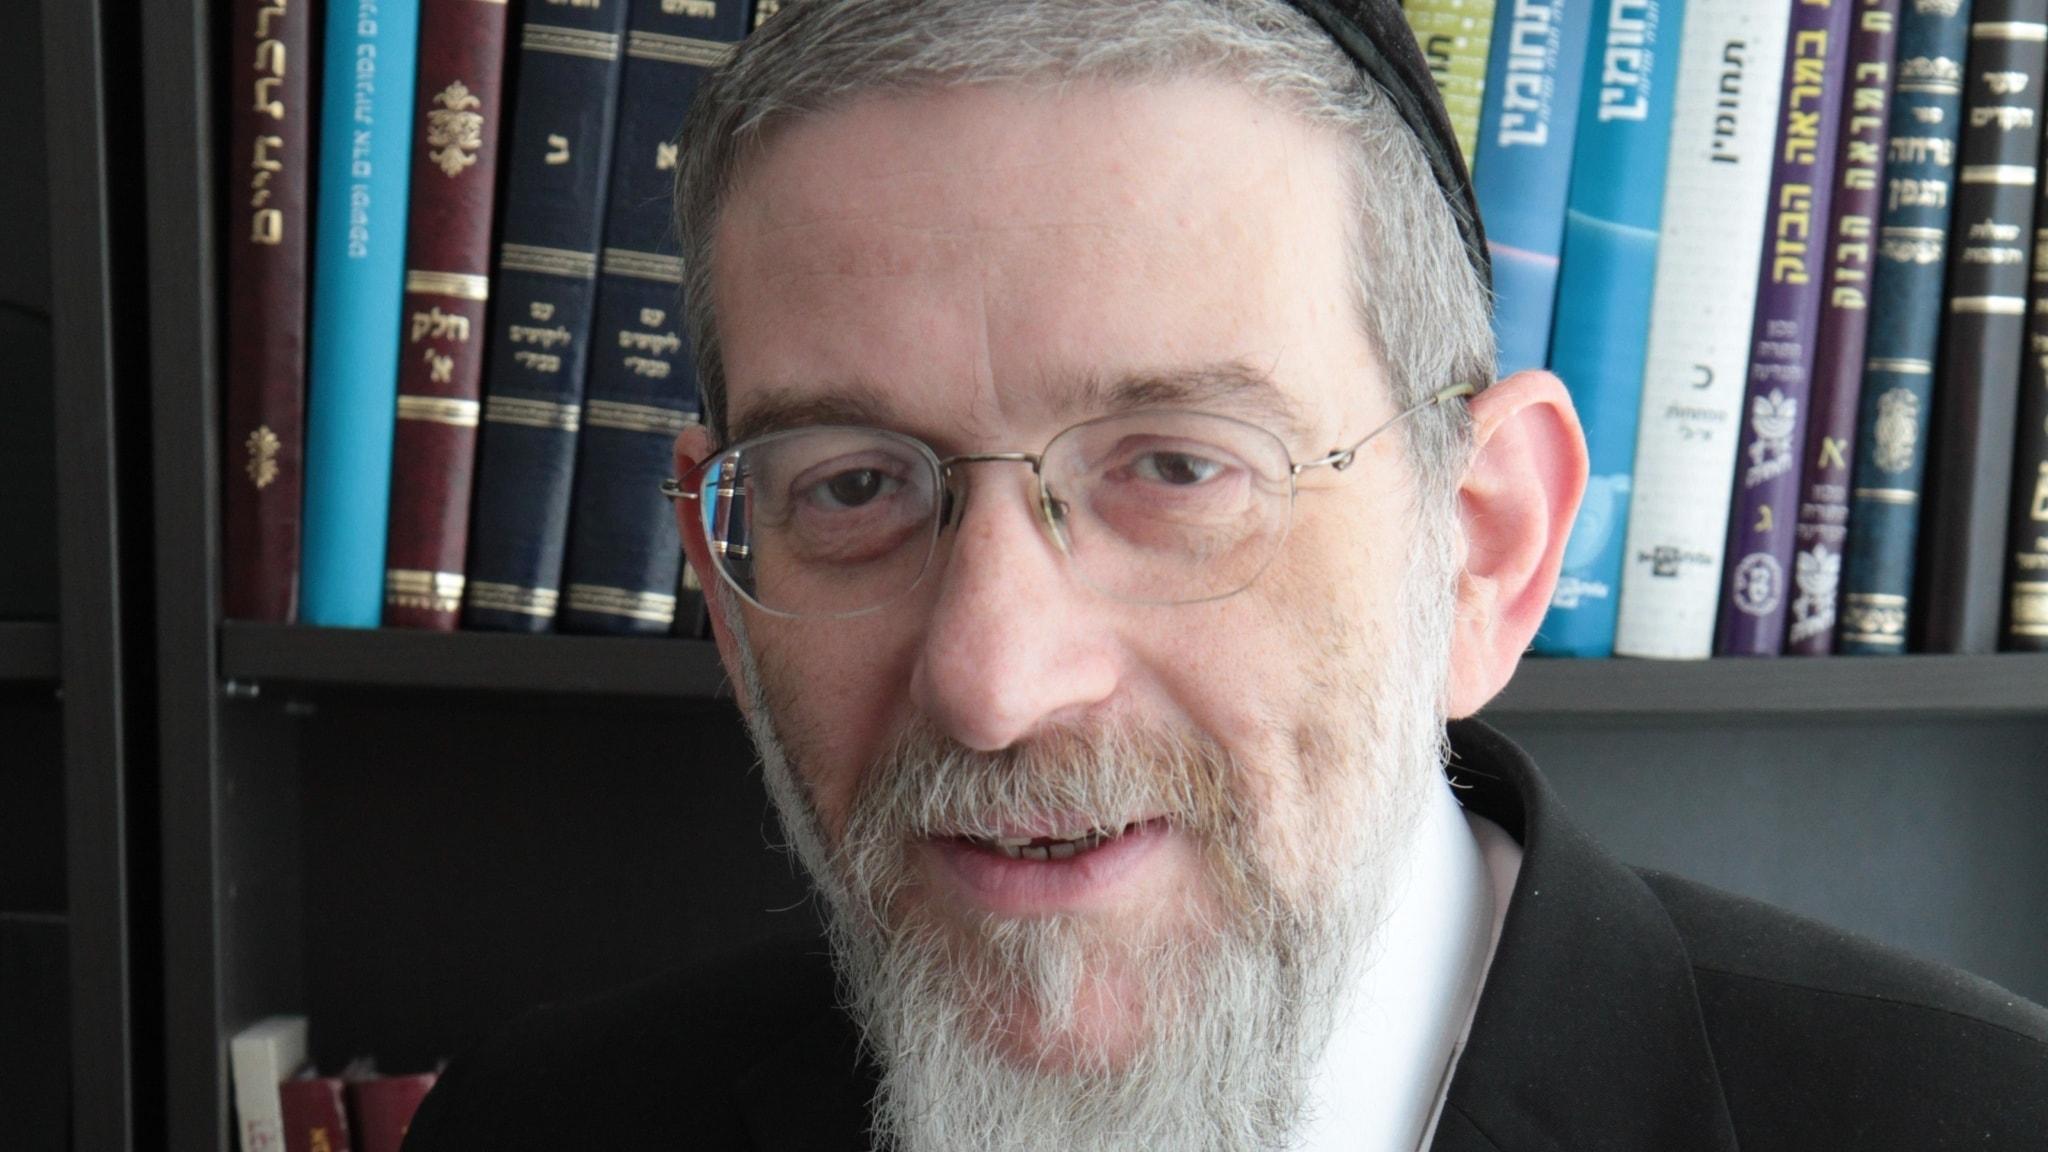 Dansk rabbin: Religion behövs för att lösa konflikter